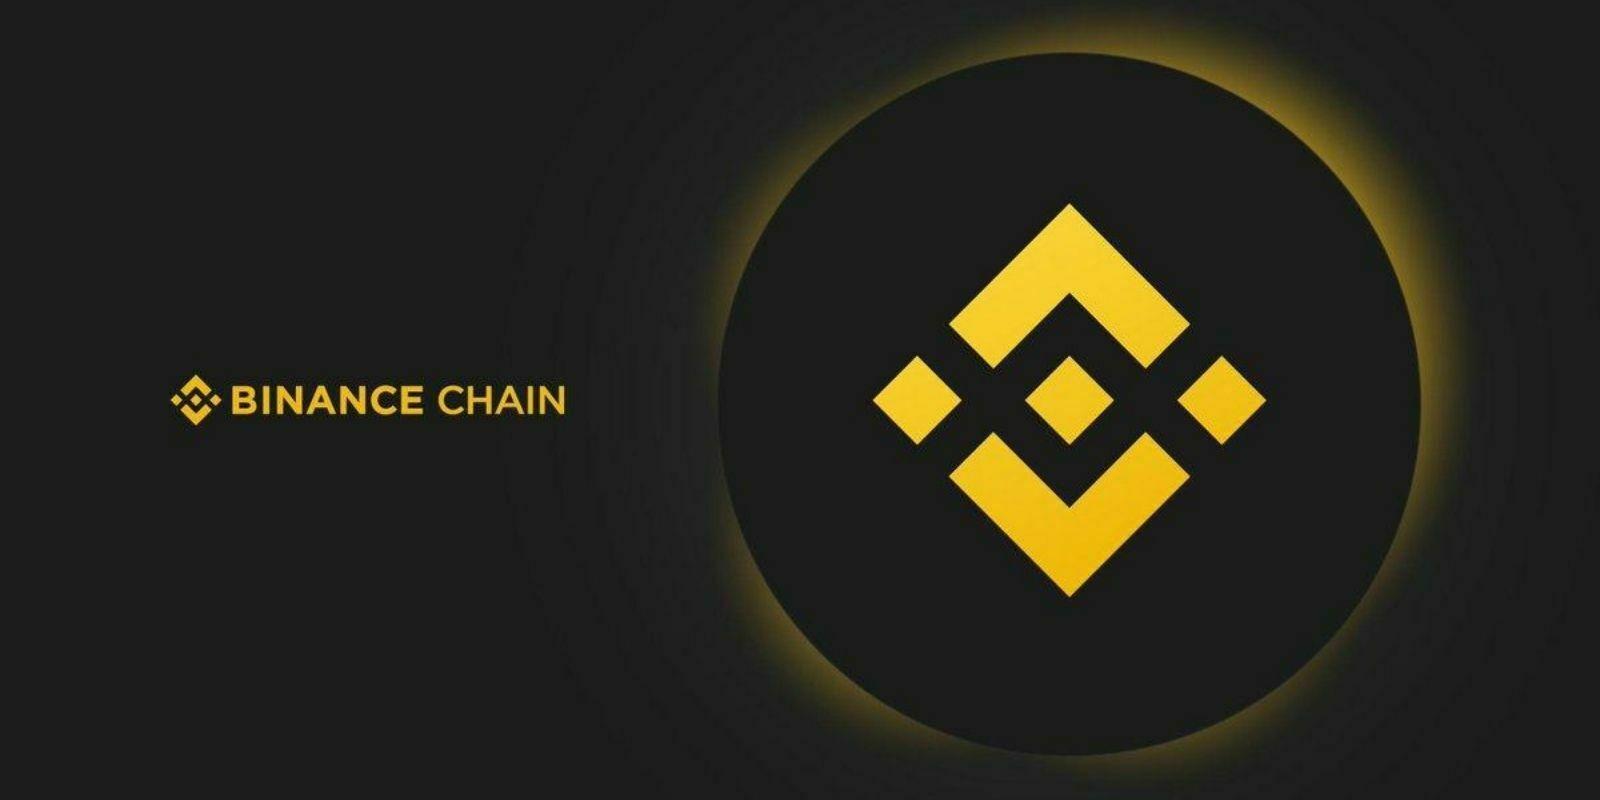 La Binance Chain fera l'objet d'un hard fork apportant le staking de BNB